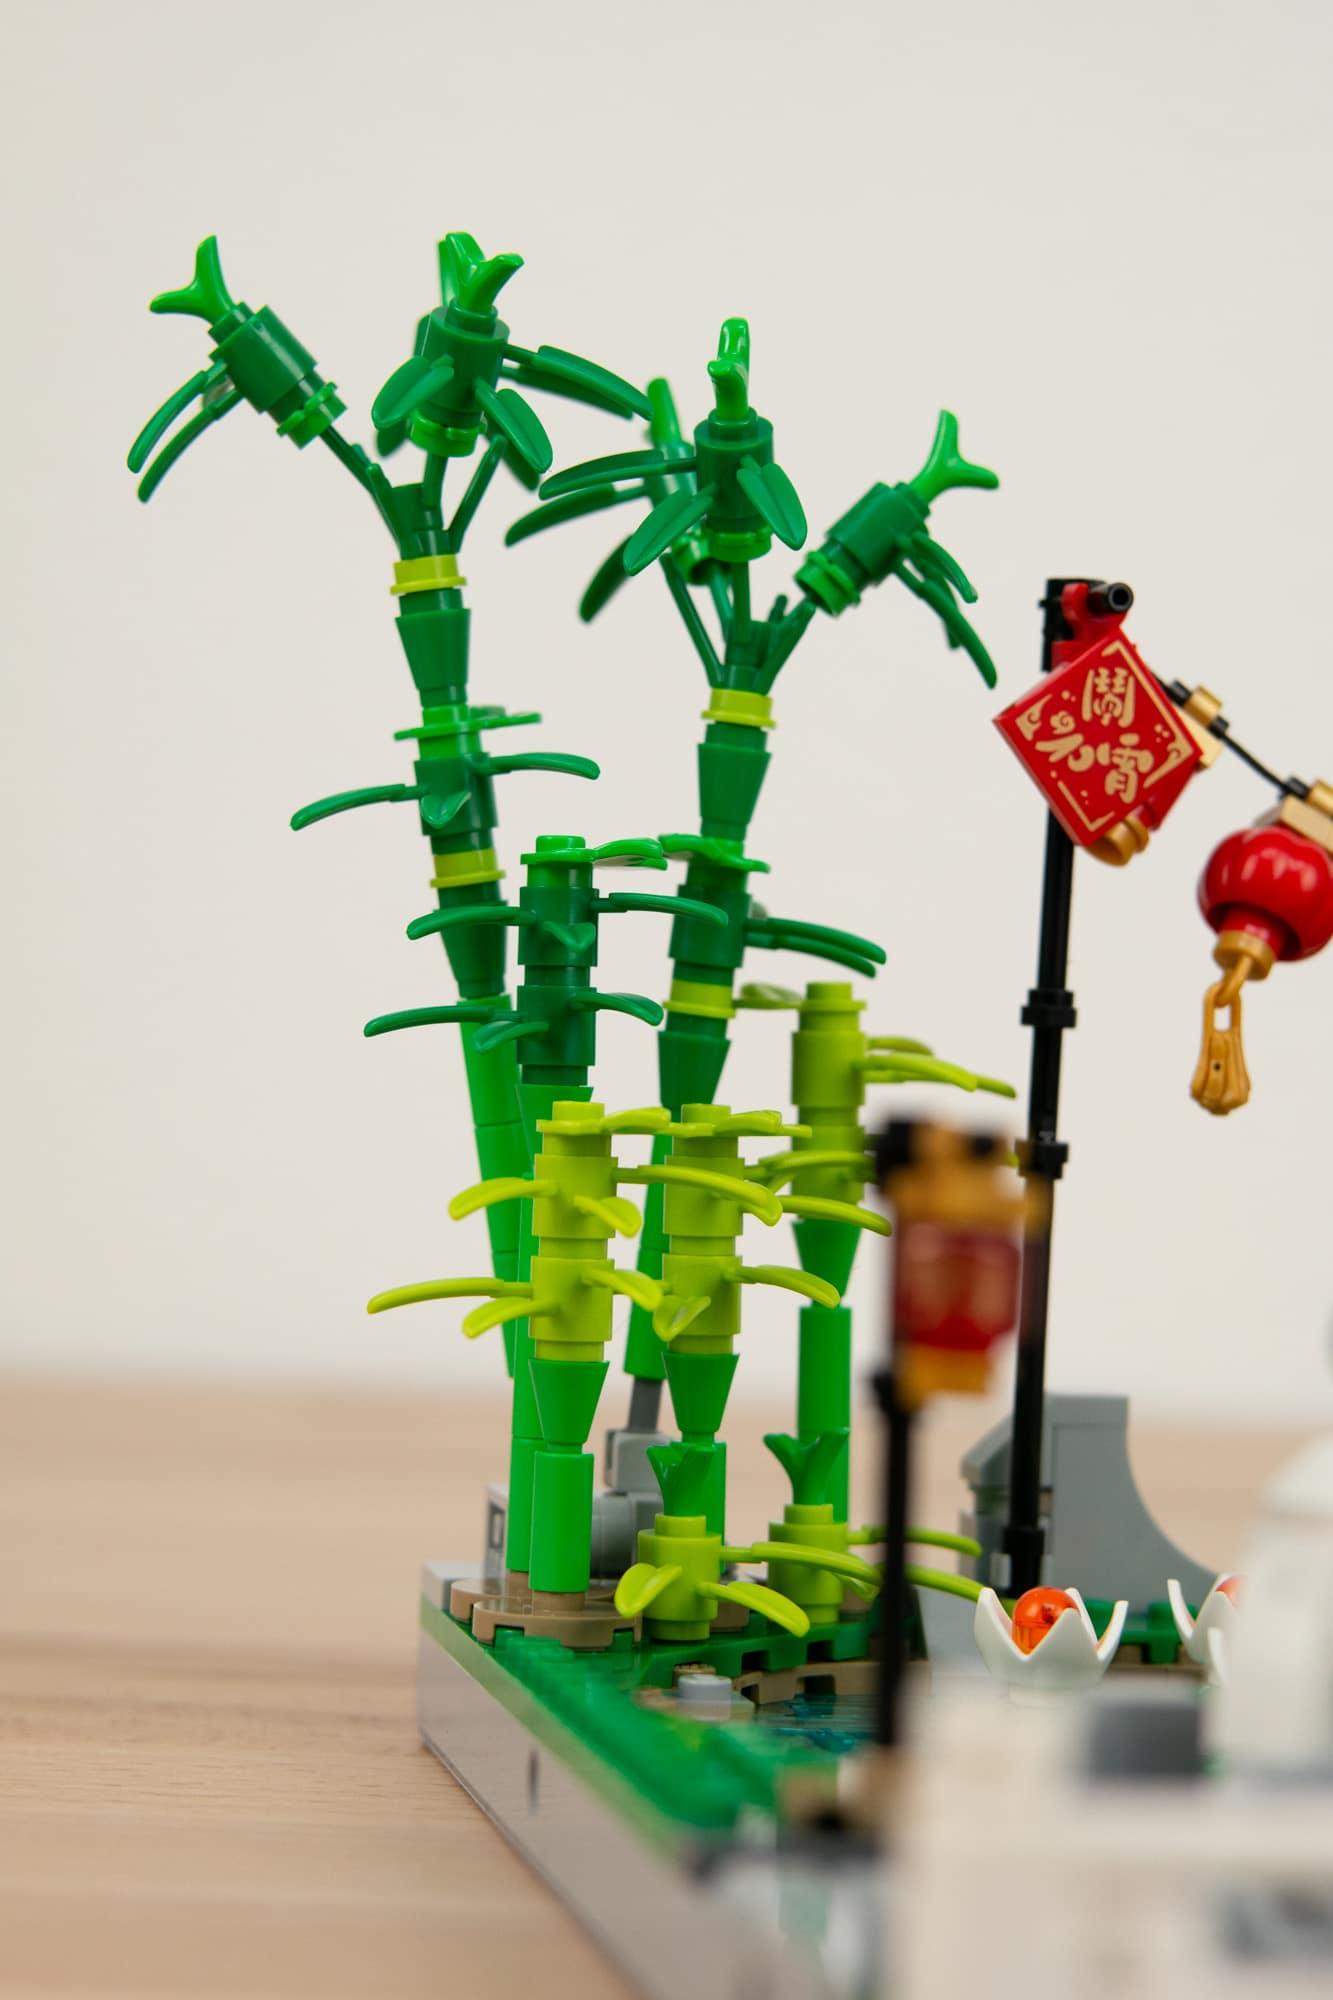 LEGO 80107 Fruehlingslaternenfest Chinesisches Neujahr 34